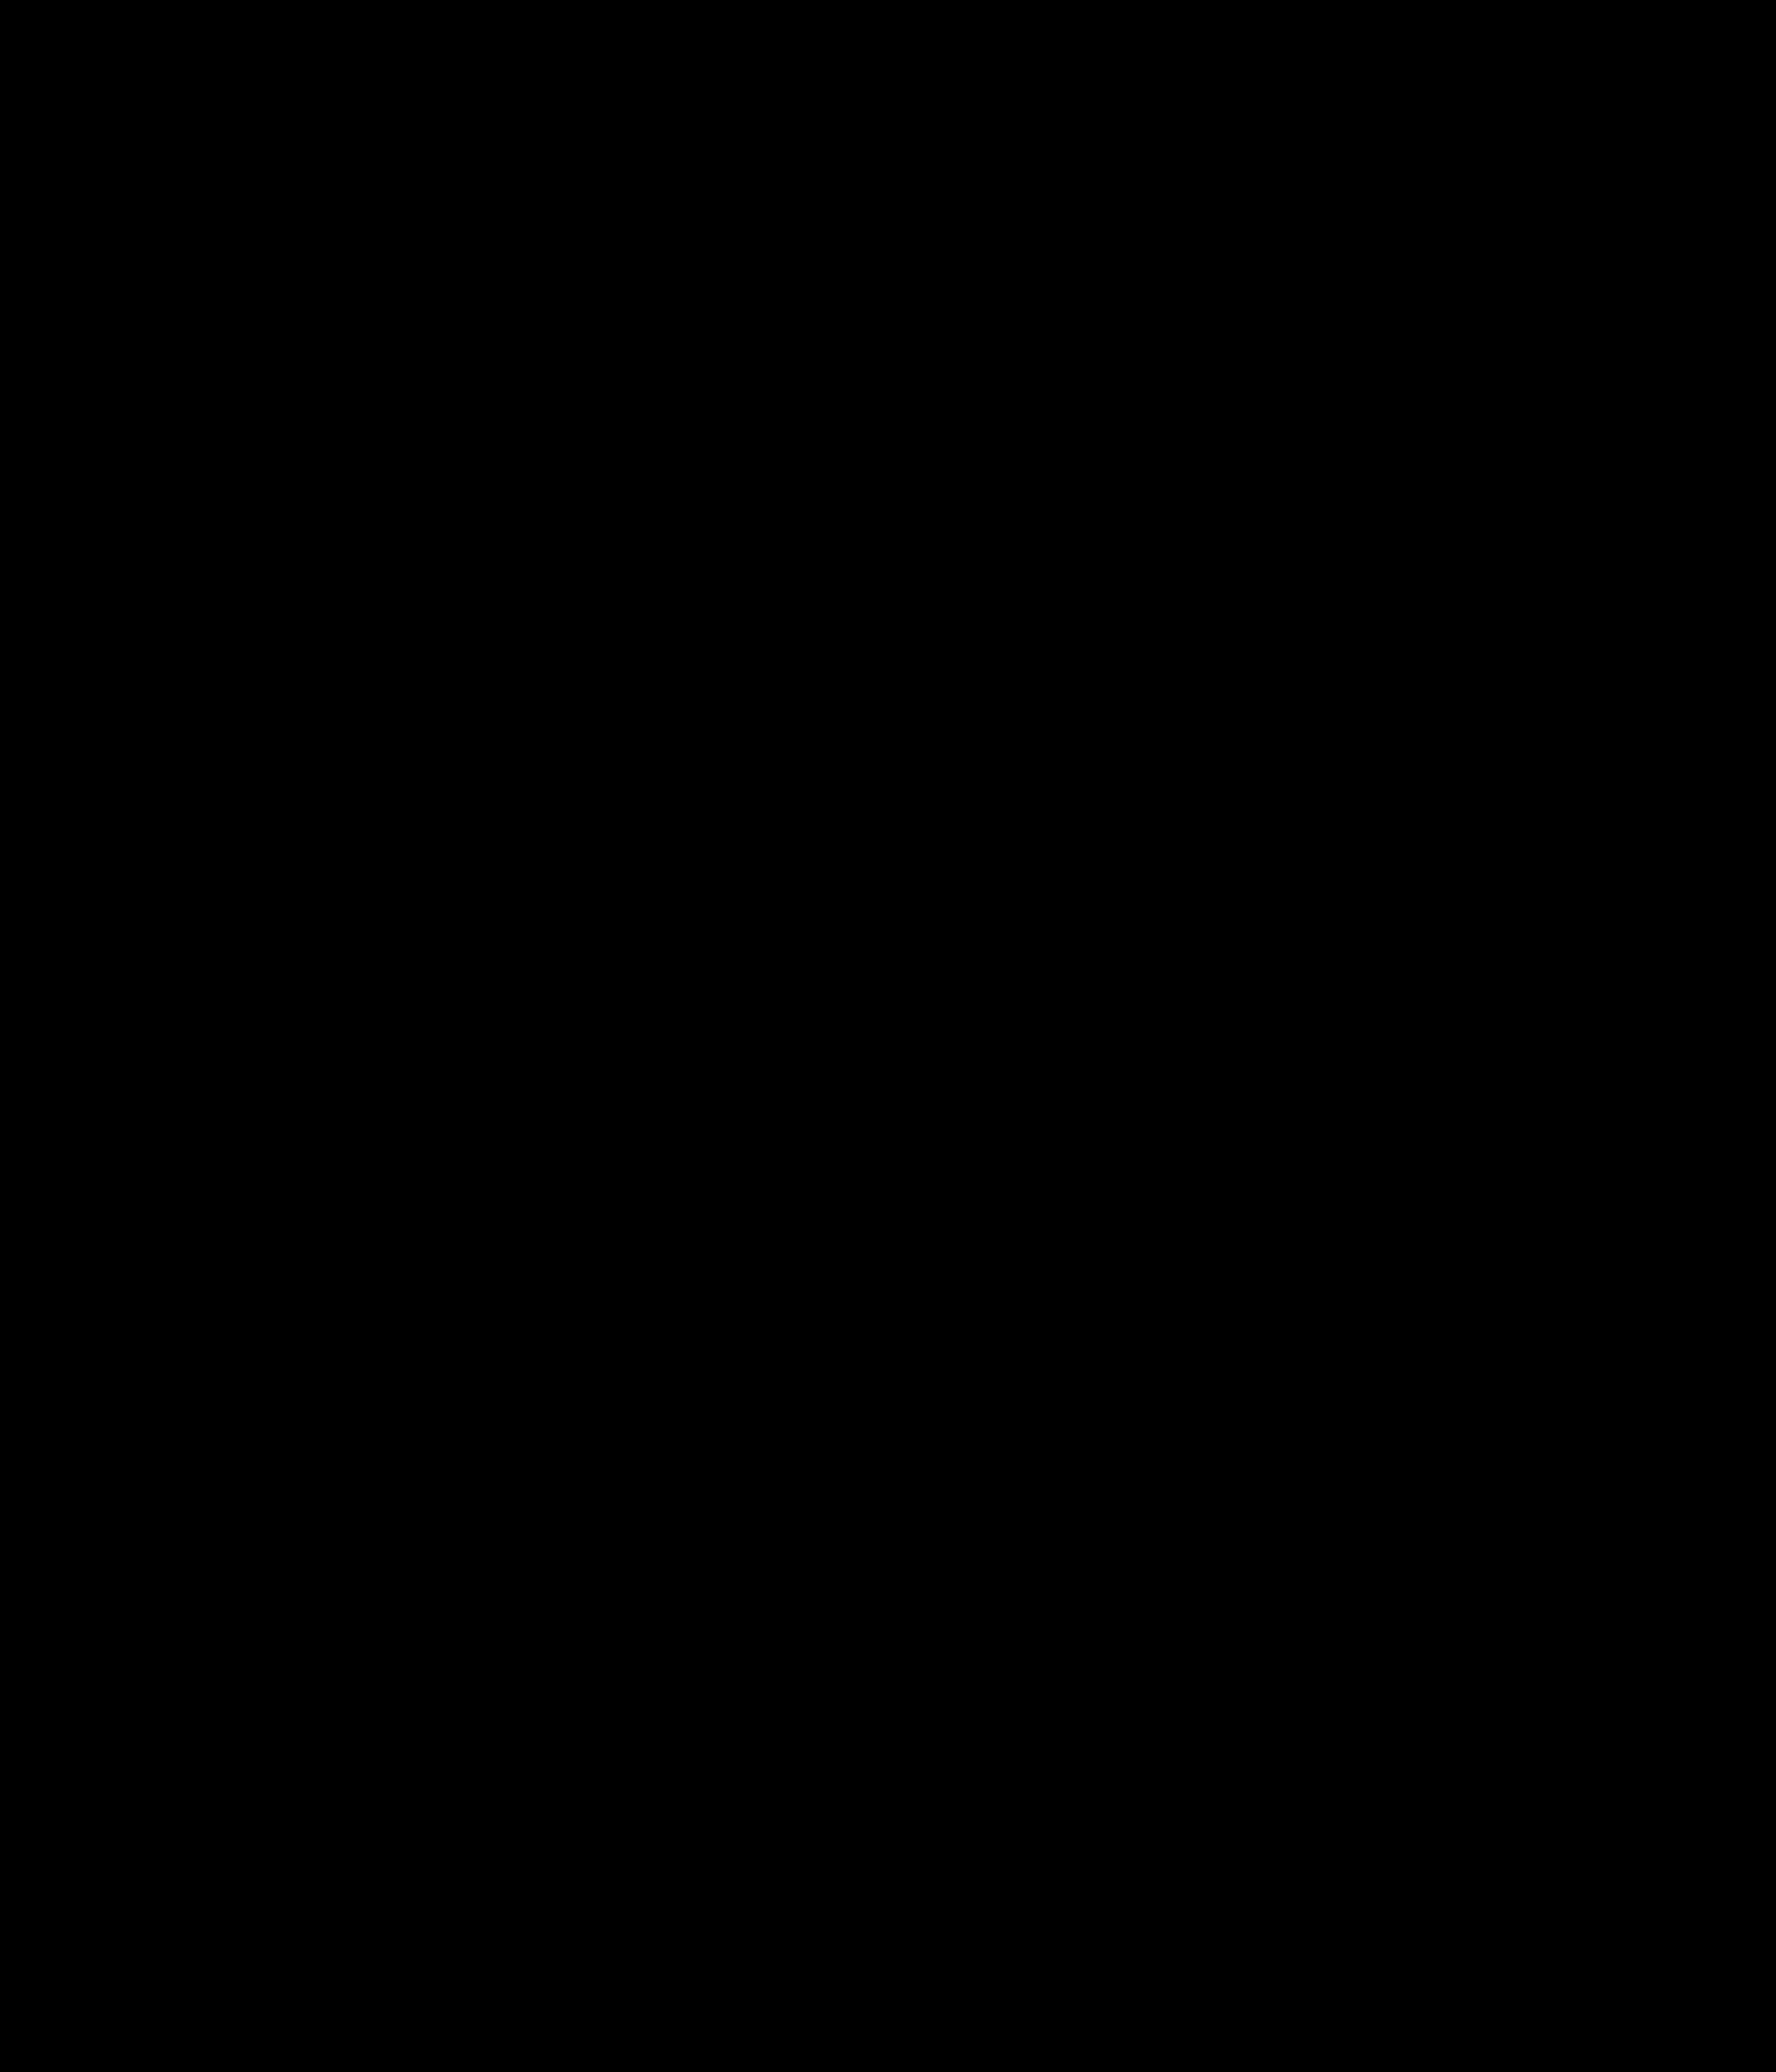 ЄЗК: агентство для програм фінансування (інфографіка)